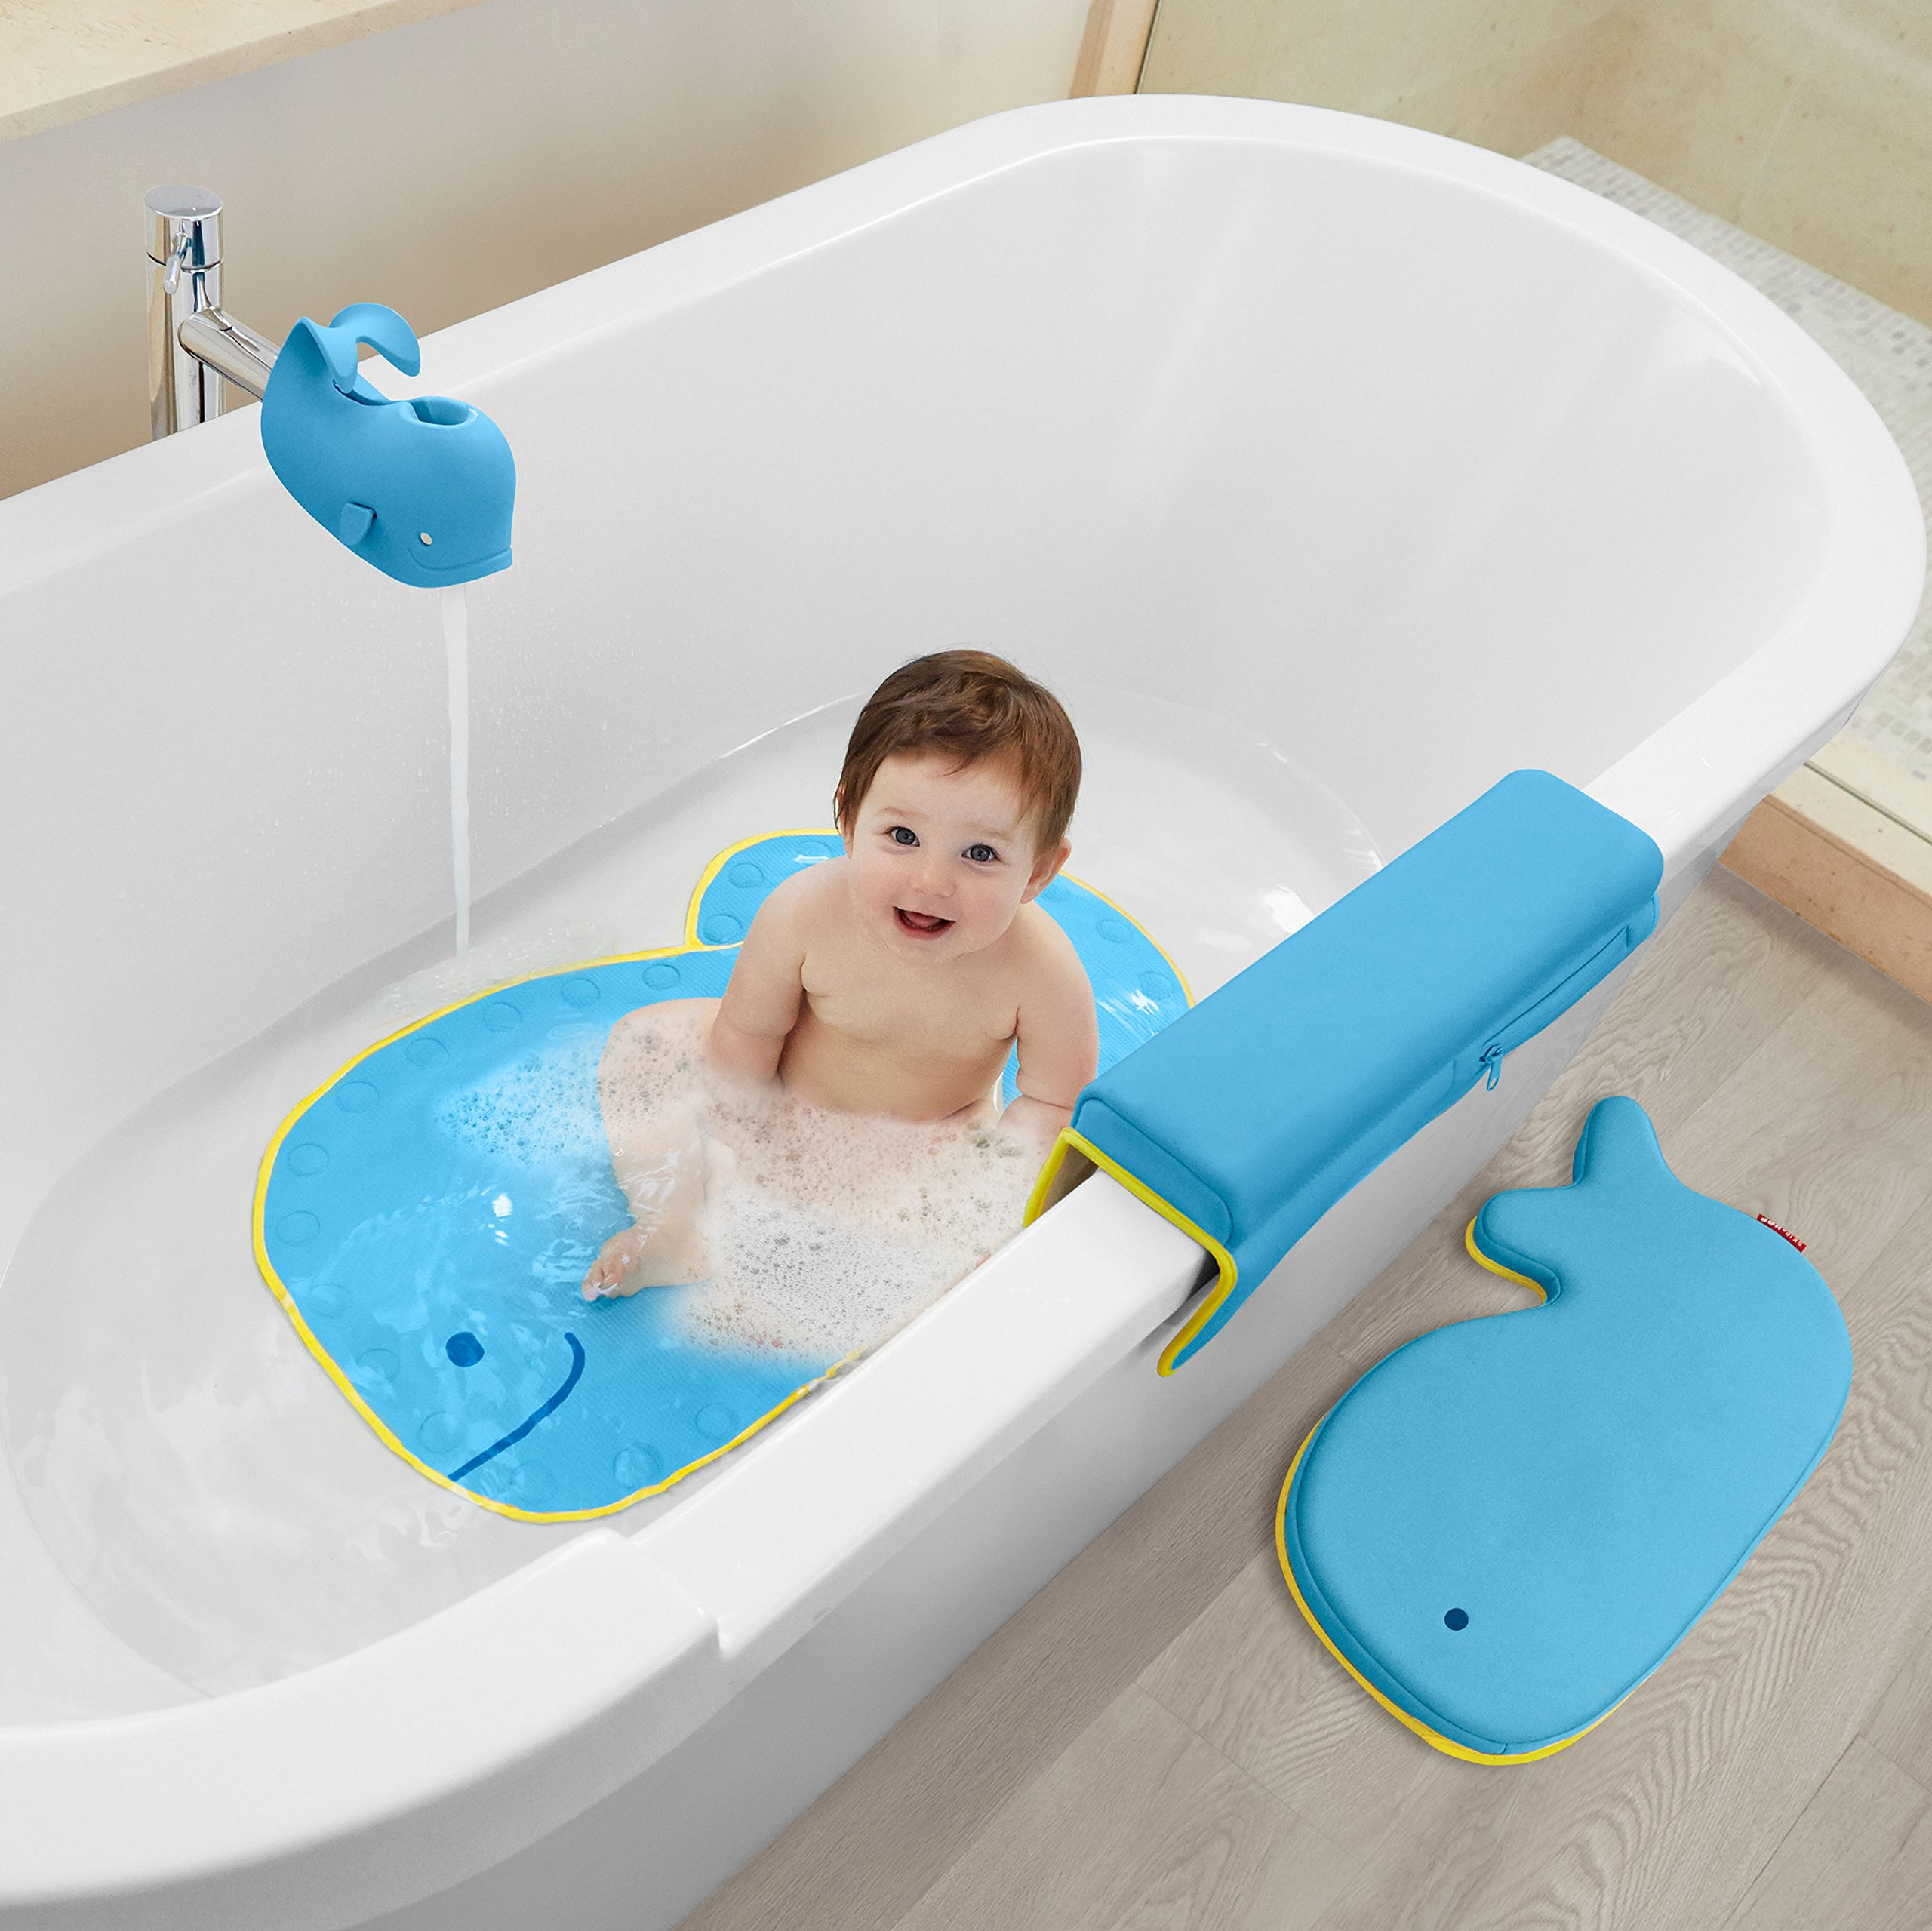 Skip Hop Moby Baby Bath Set, Four Bathtime Essentials - Spout Cover, Bath Kneeler, Elbow Pad, And Bath Mat, Blue by Skip Hop (Image #2)